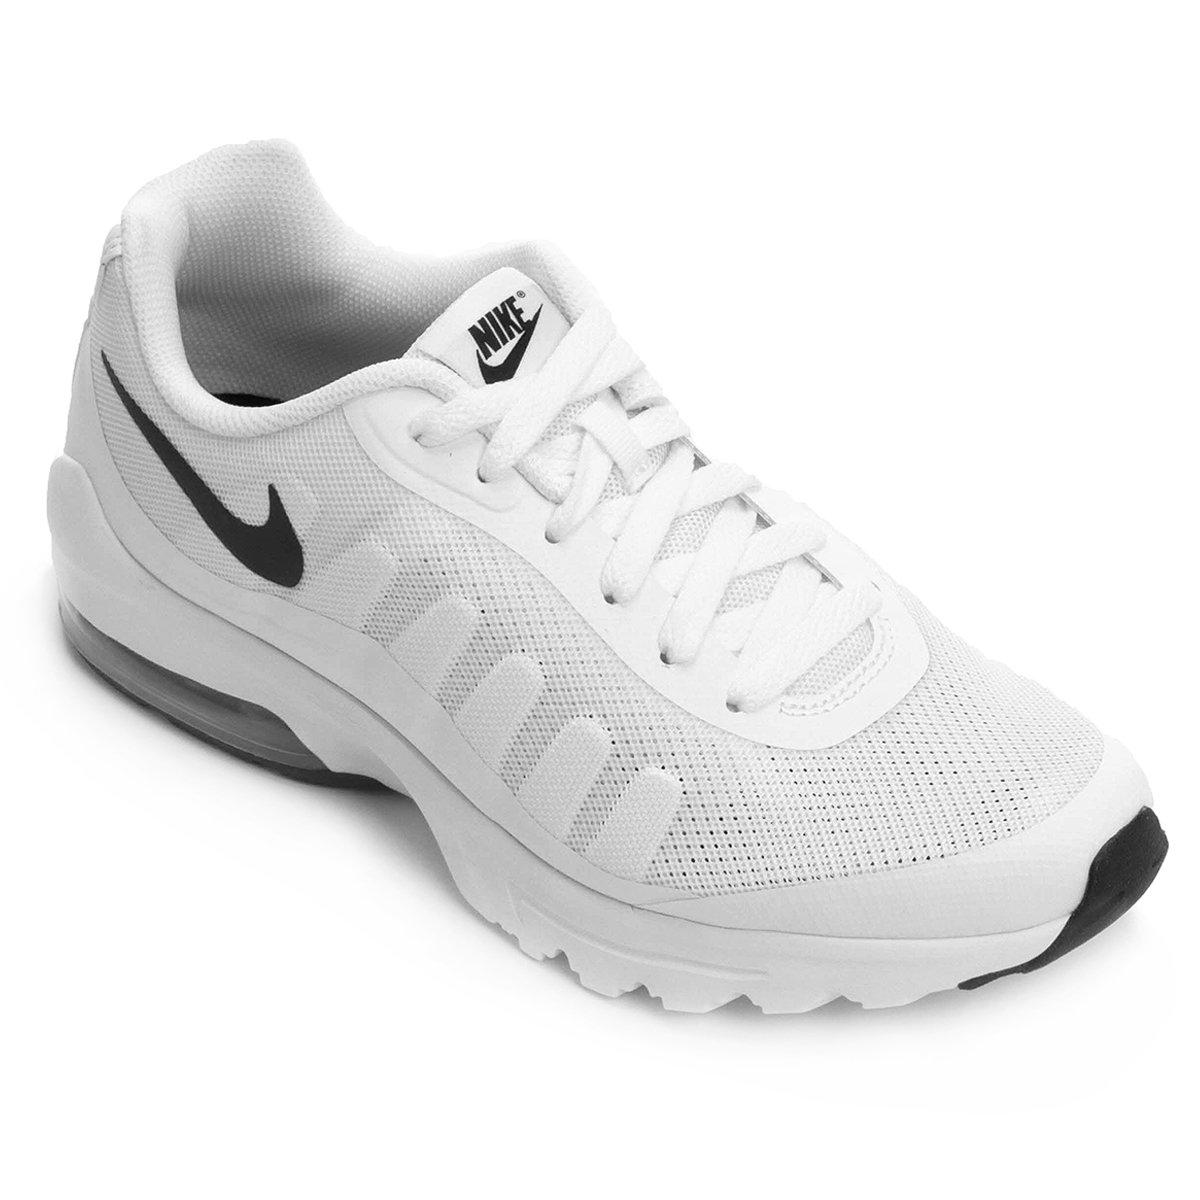 4163e631799 Tênis Nike Air Max Invigor Masculino - Branco e Preto - Compre Agora ...